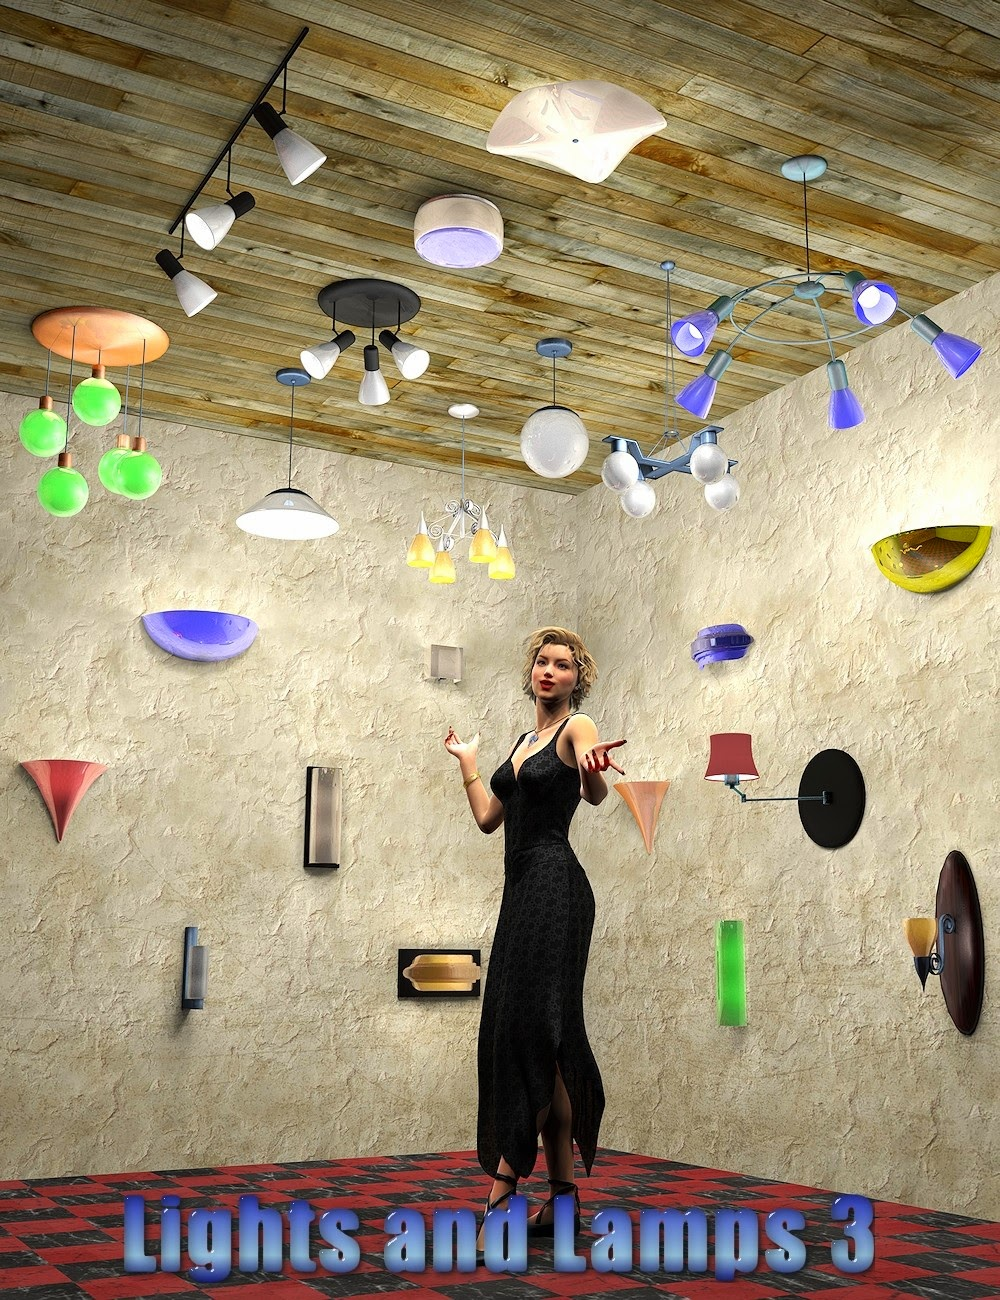 InaneGlory de luminaires et 3 - plafond et lampes pour mur